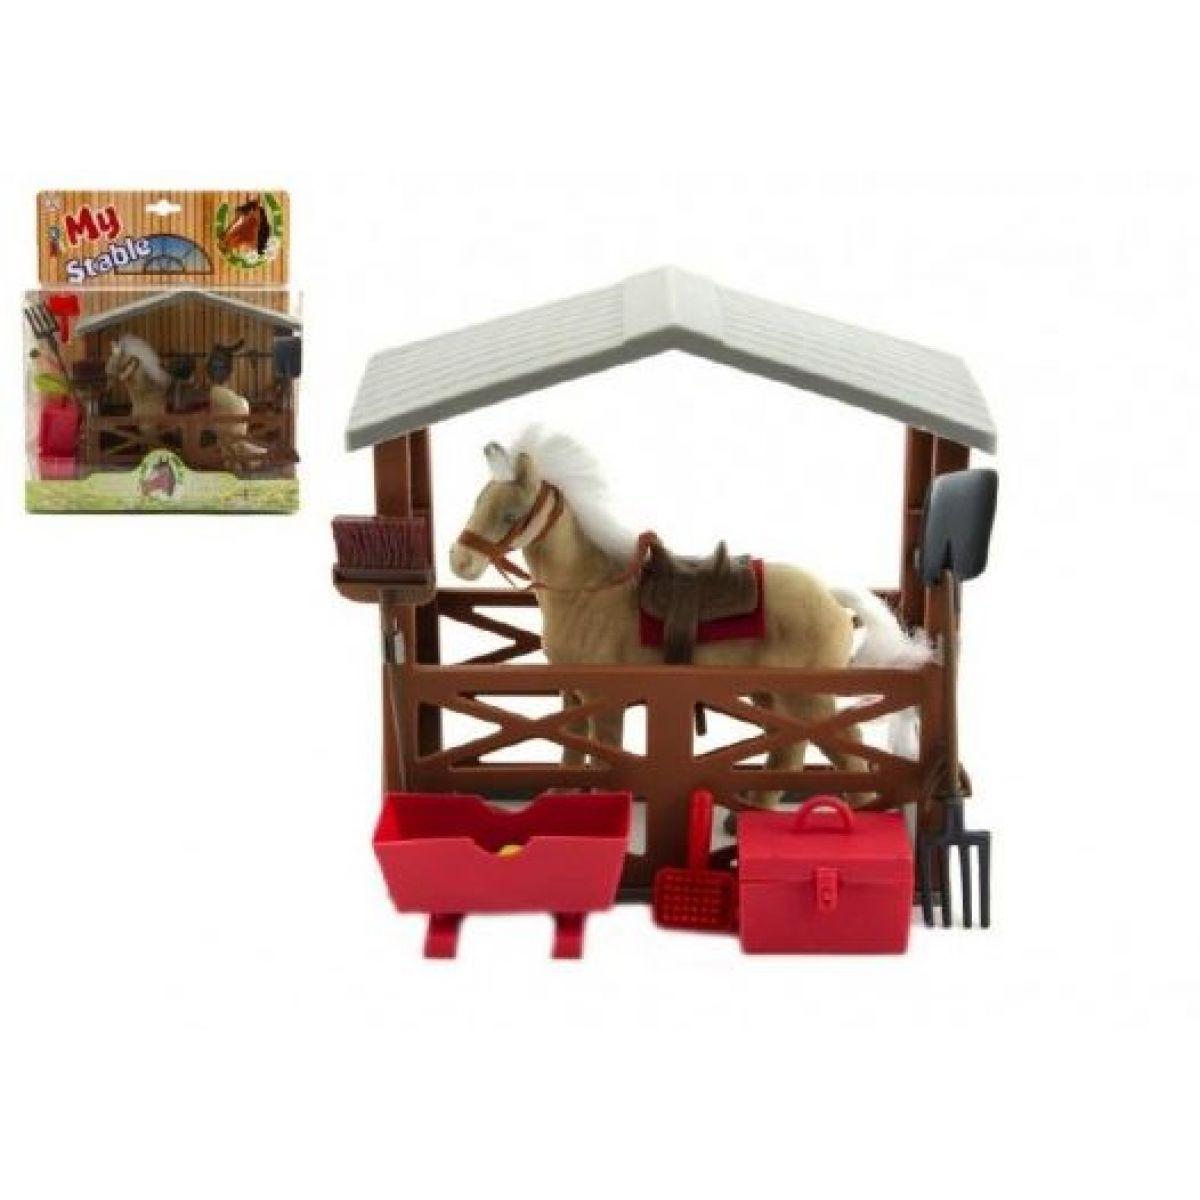 Teddies Kůň fliška se stájí a doplňky plast v krabici 23x27x9 cm